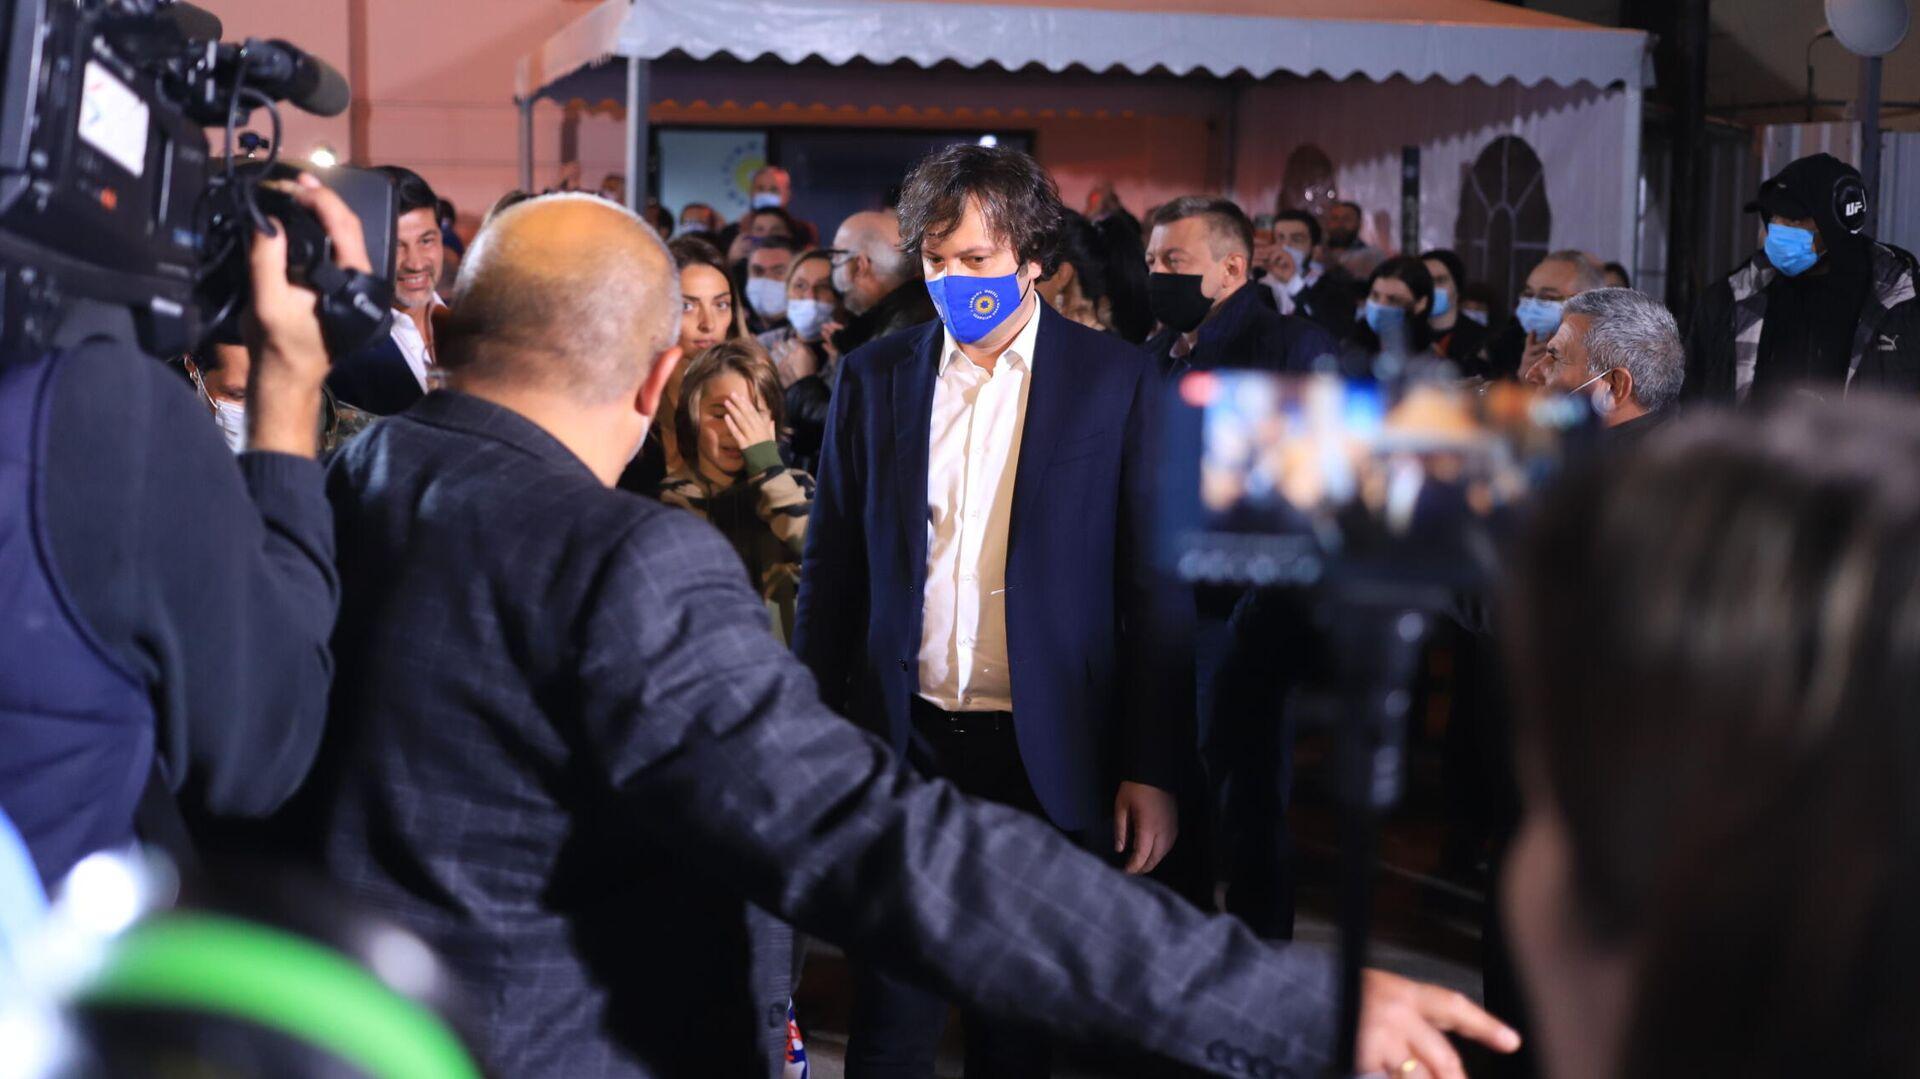 Ираклий Кобахидзе у офиса Грузинской мечты после местных выборов - Sputnik Грузия, 1920, 04.10.2021